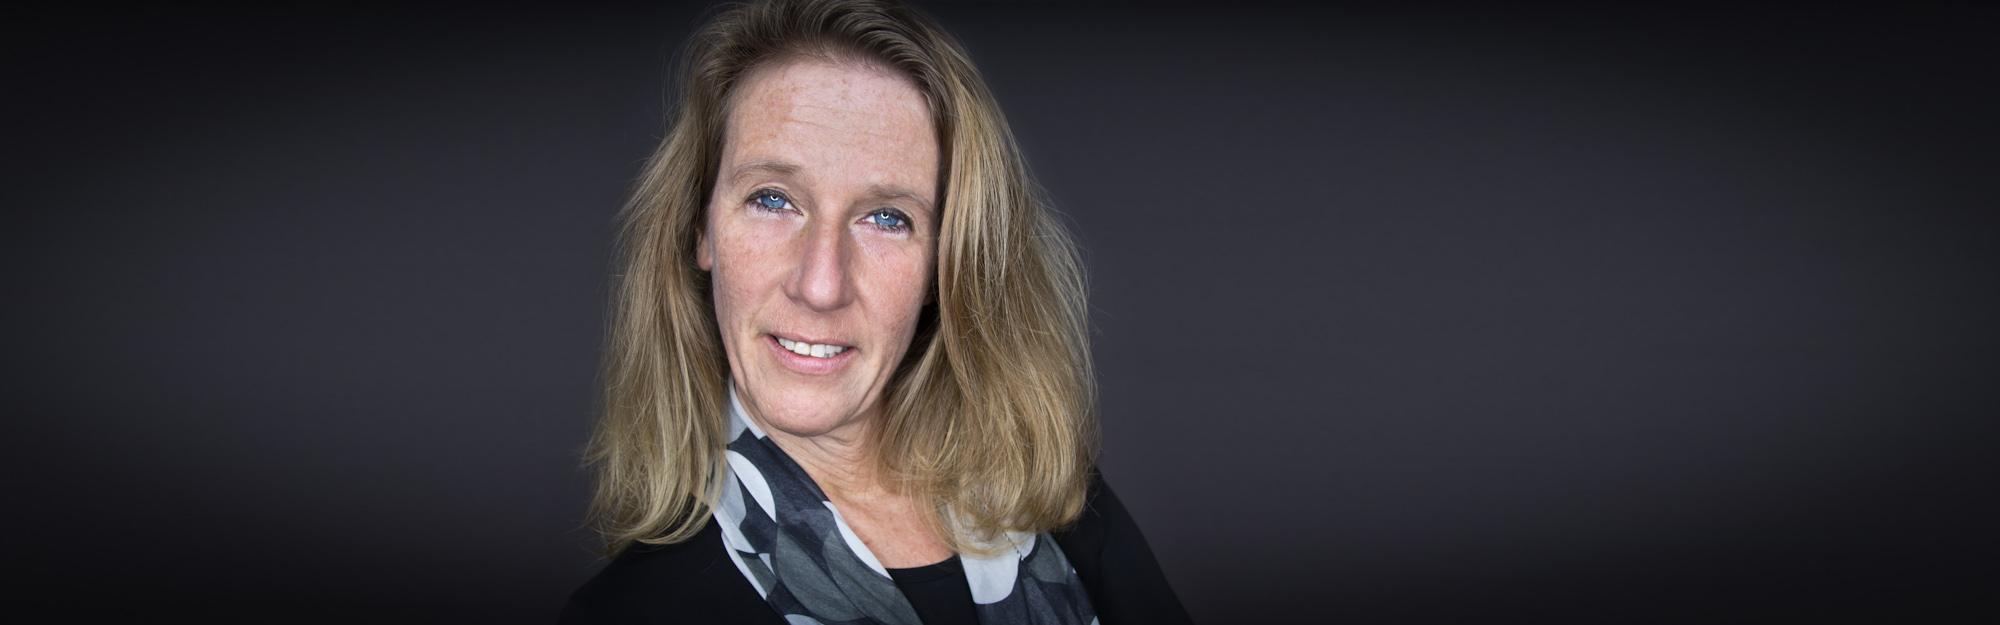 diavendo - Evelyn Schneider - Trainerin, Coach & Persönlichkeitsentwicklerin